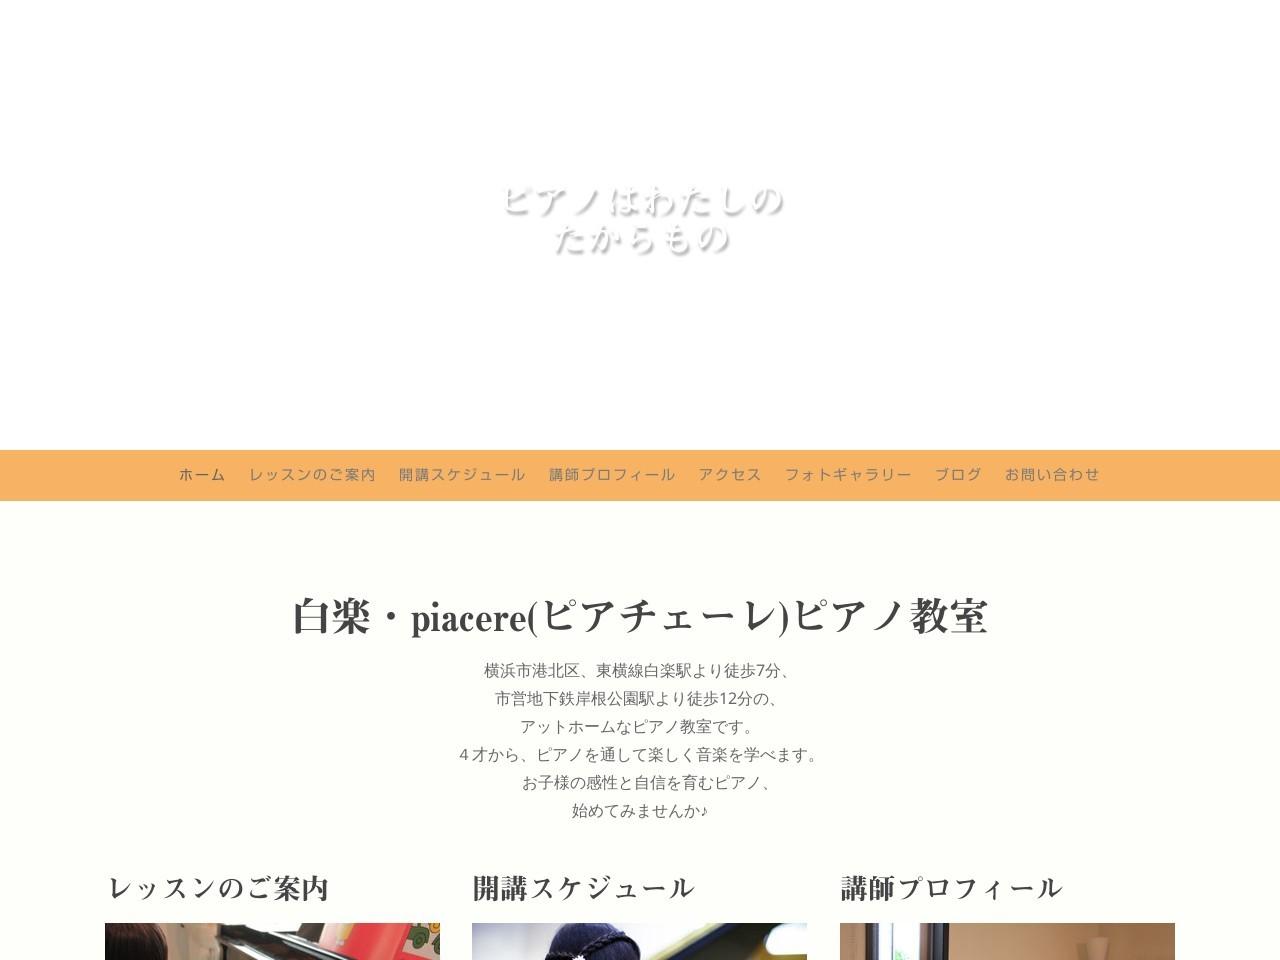 白楽・piacere(ピアチェーレ)ピアノ教室のサムネイル